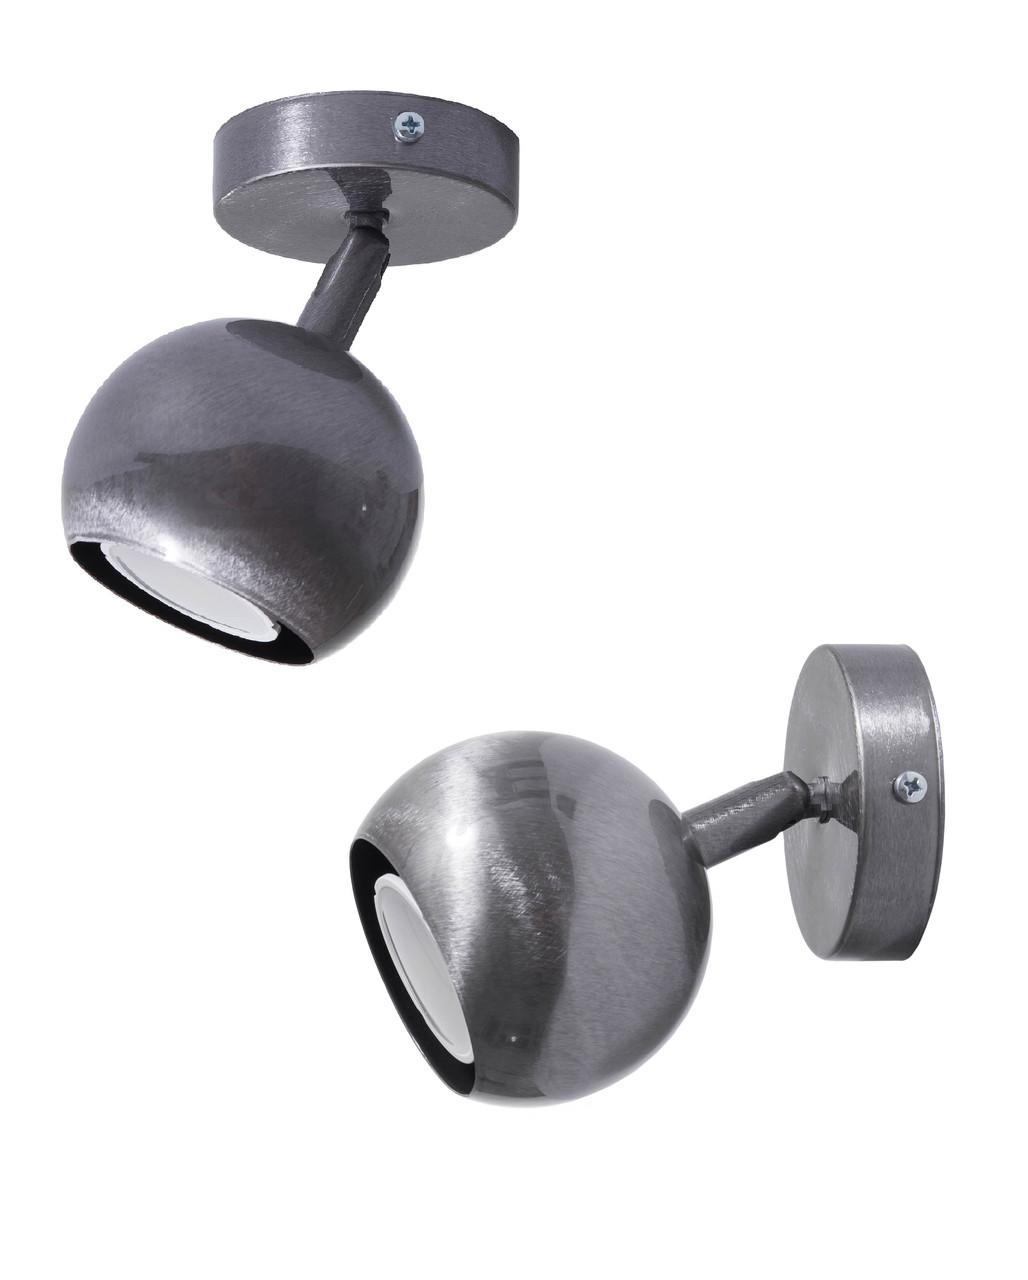 Светильник настенно-потолочный MSK Electric Core спот поворотный NL 11151-1 CR